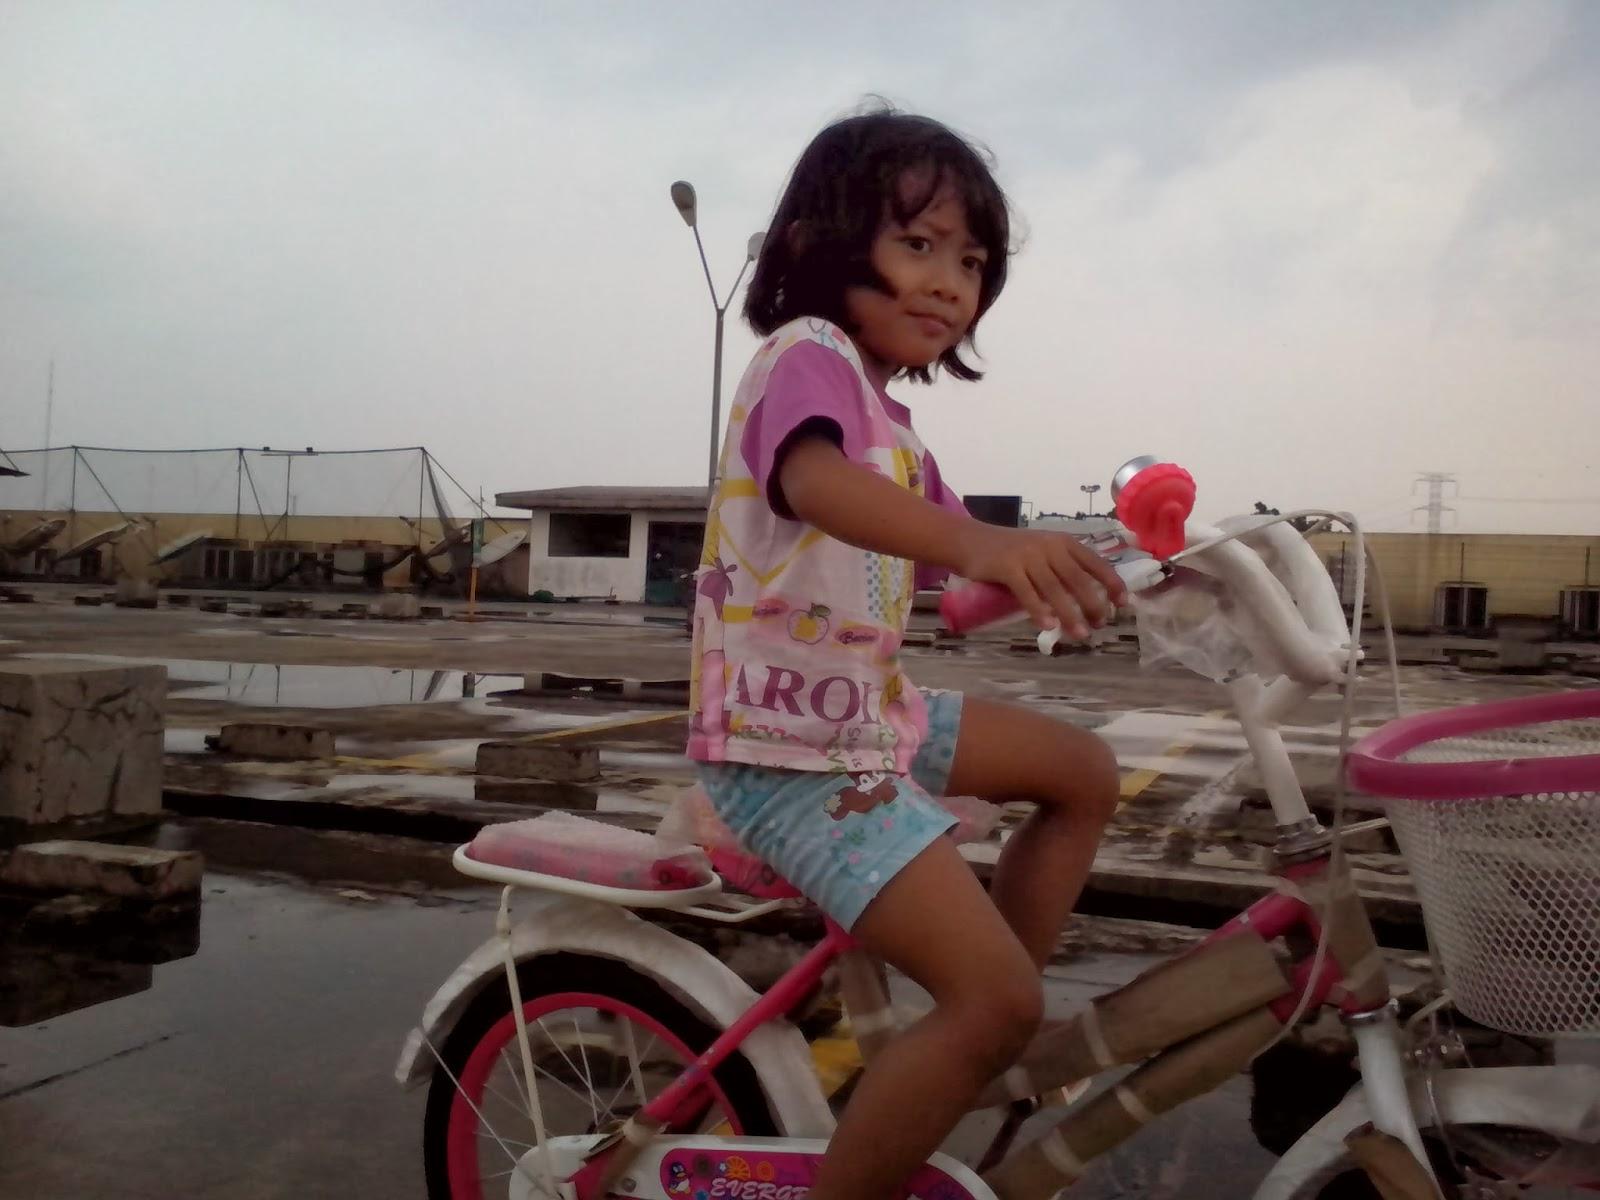 Keira Belajar Sepeda 5